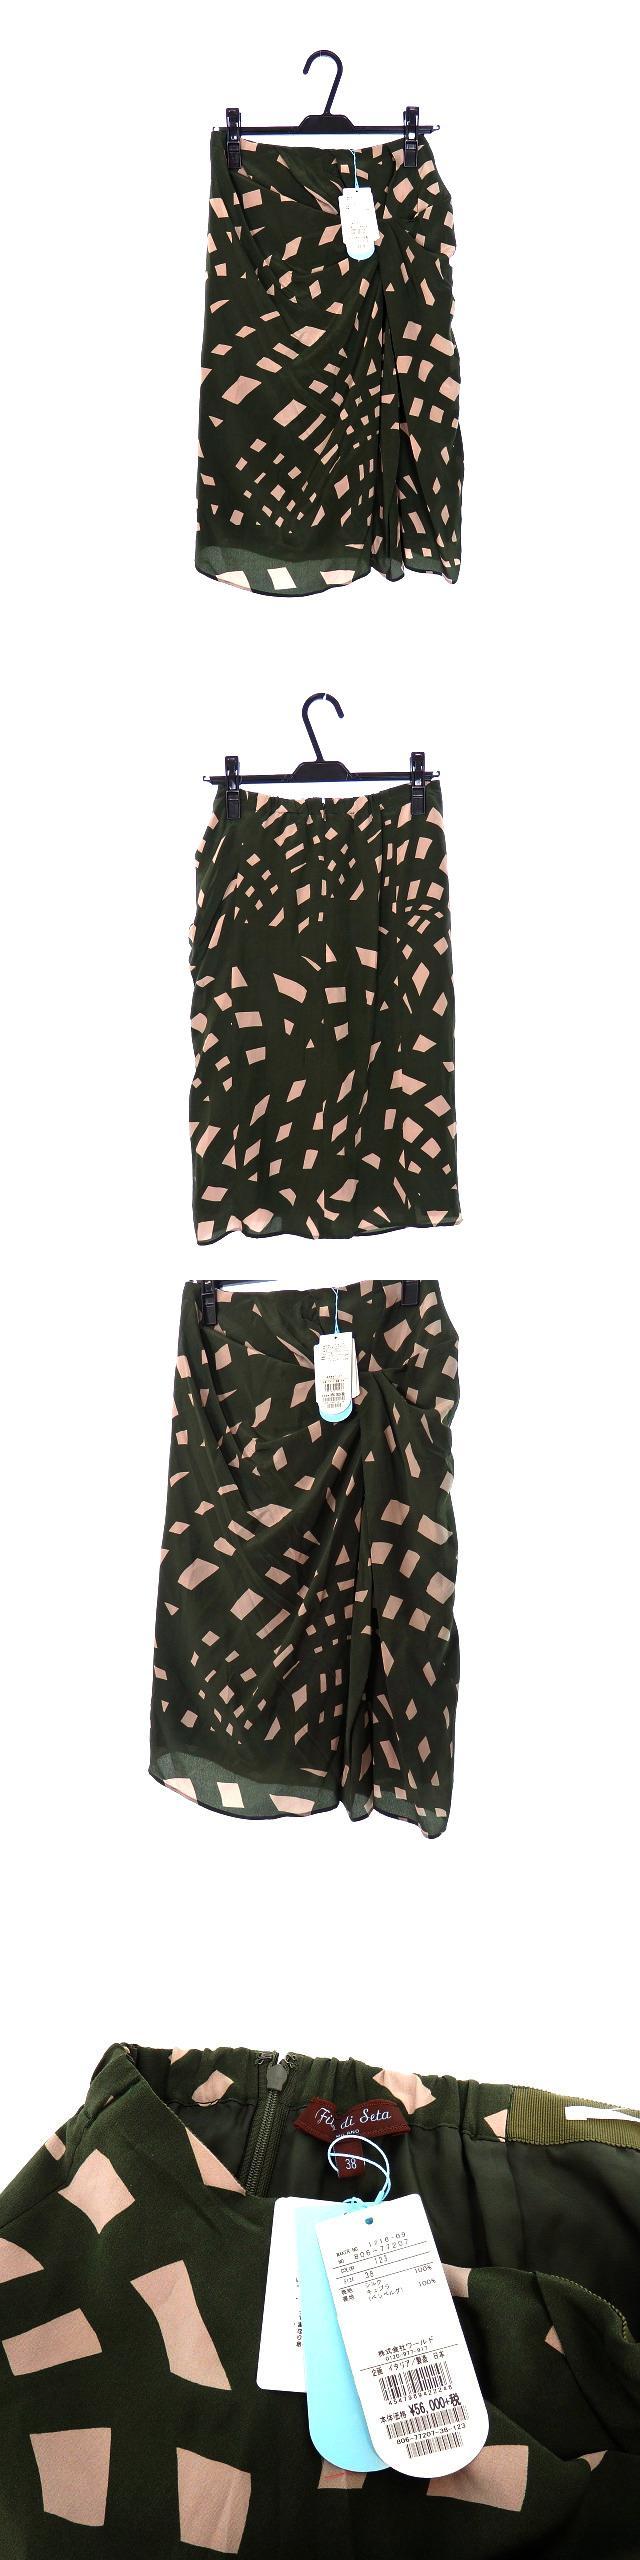 シルク フレアスカート ボトムス 総柄 38 オリーブ 緑